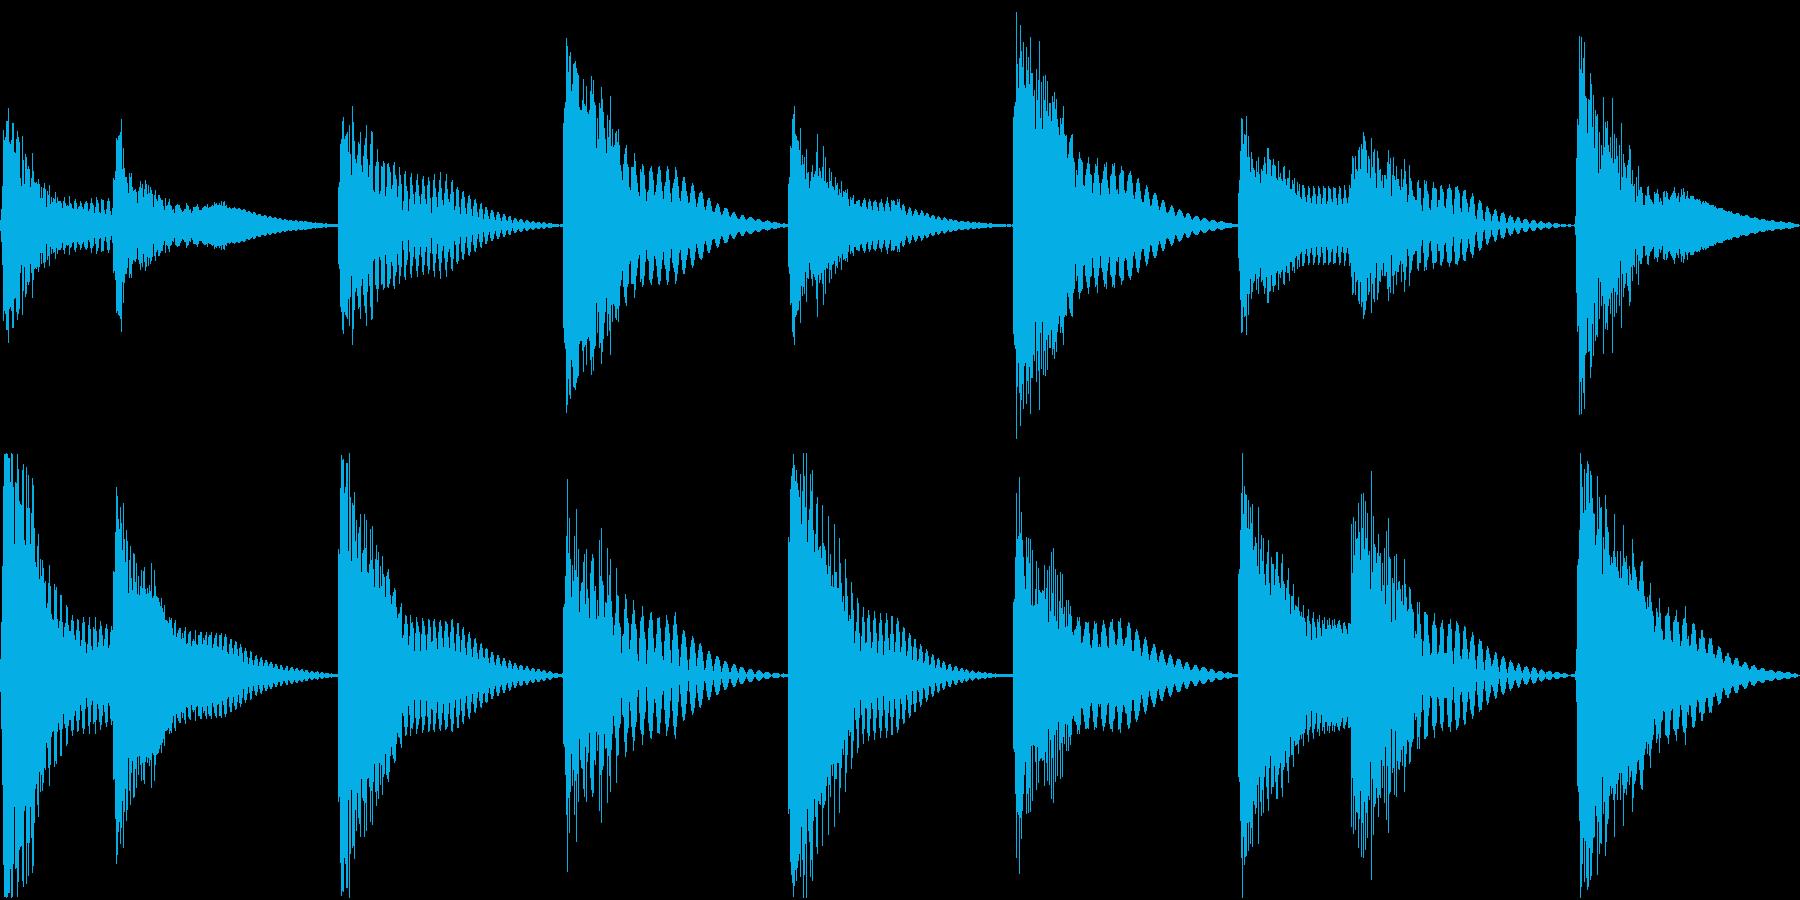 着信音 ループ お知らせ 通知 海 5の再生済みの波形